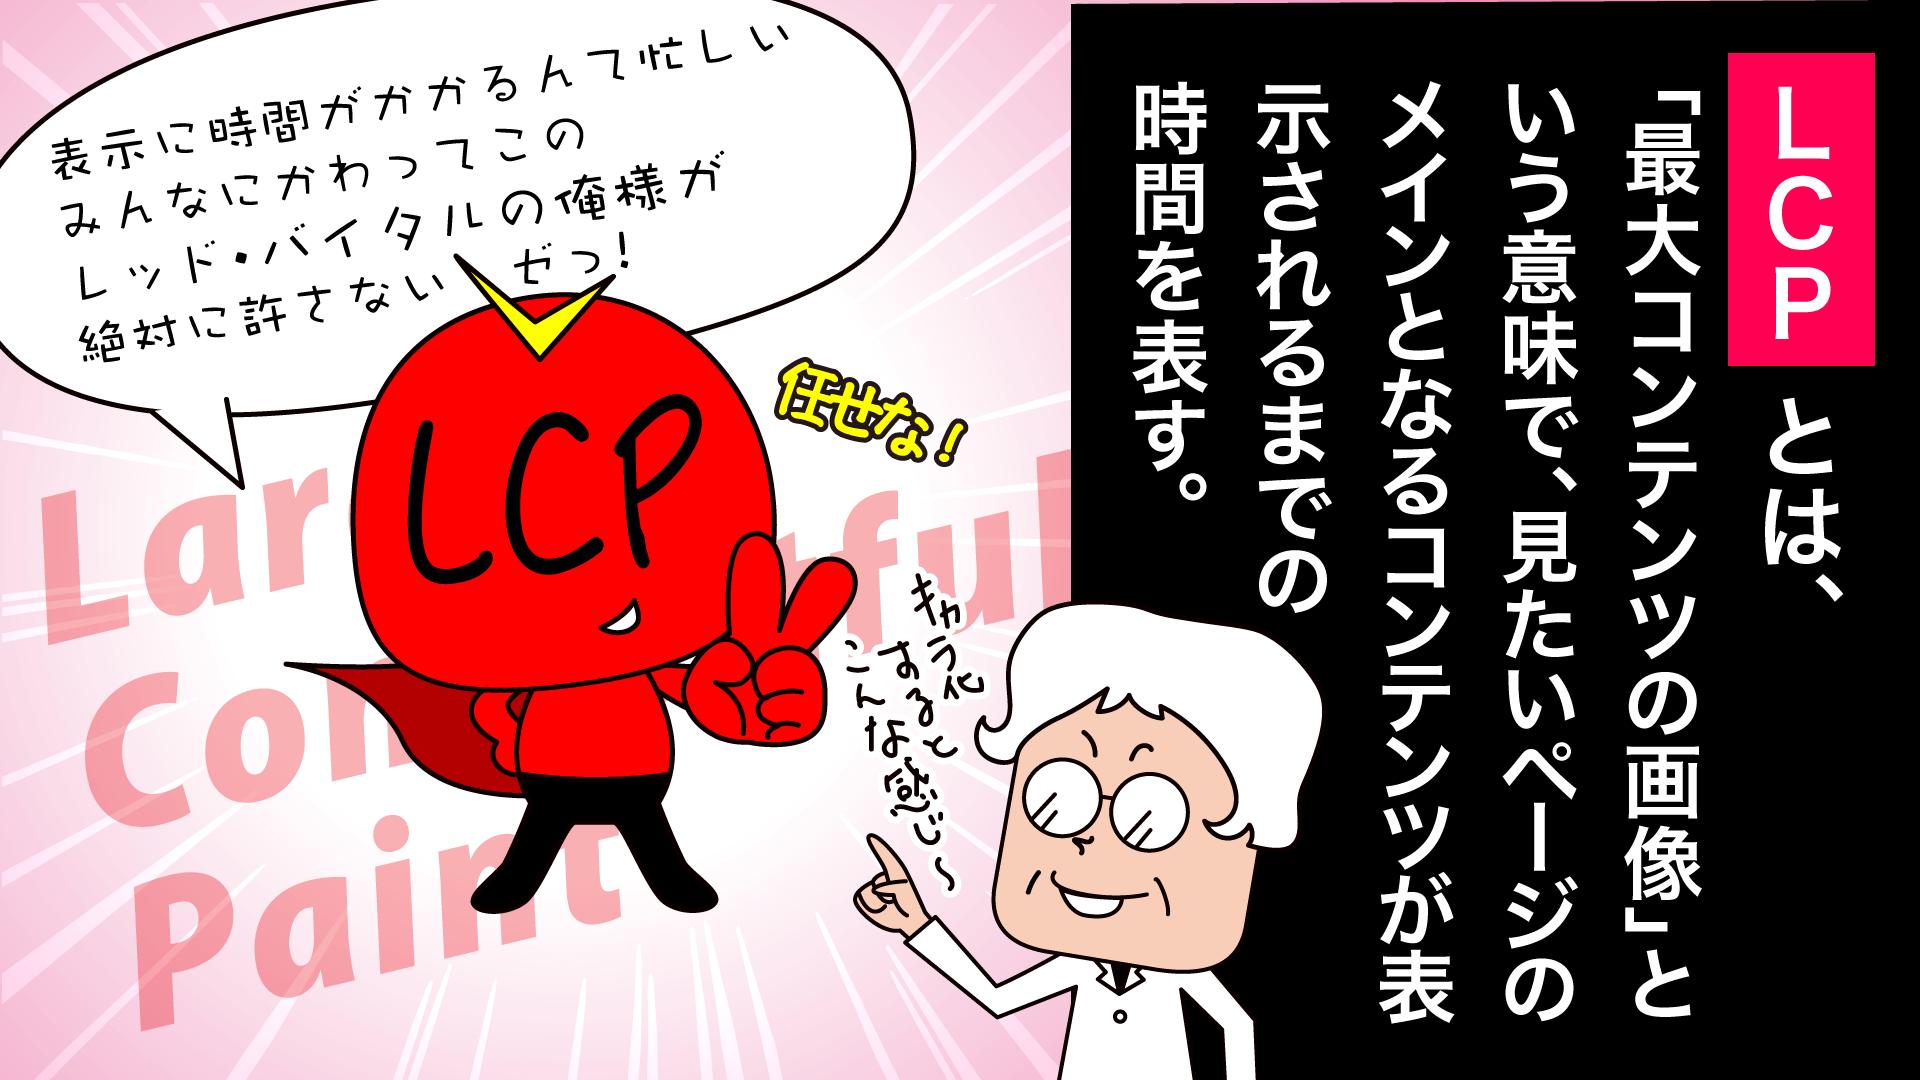 コアウェブバイタル③‐漫画SEO用語集⑧